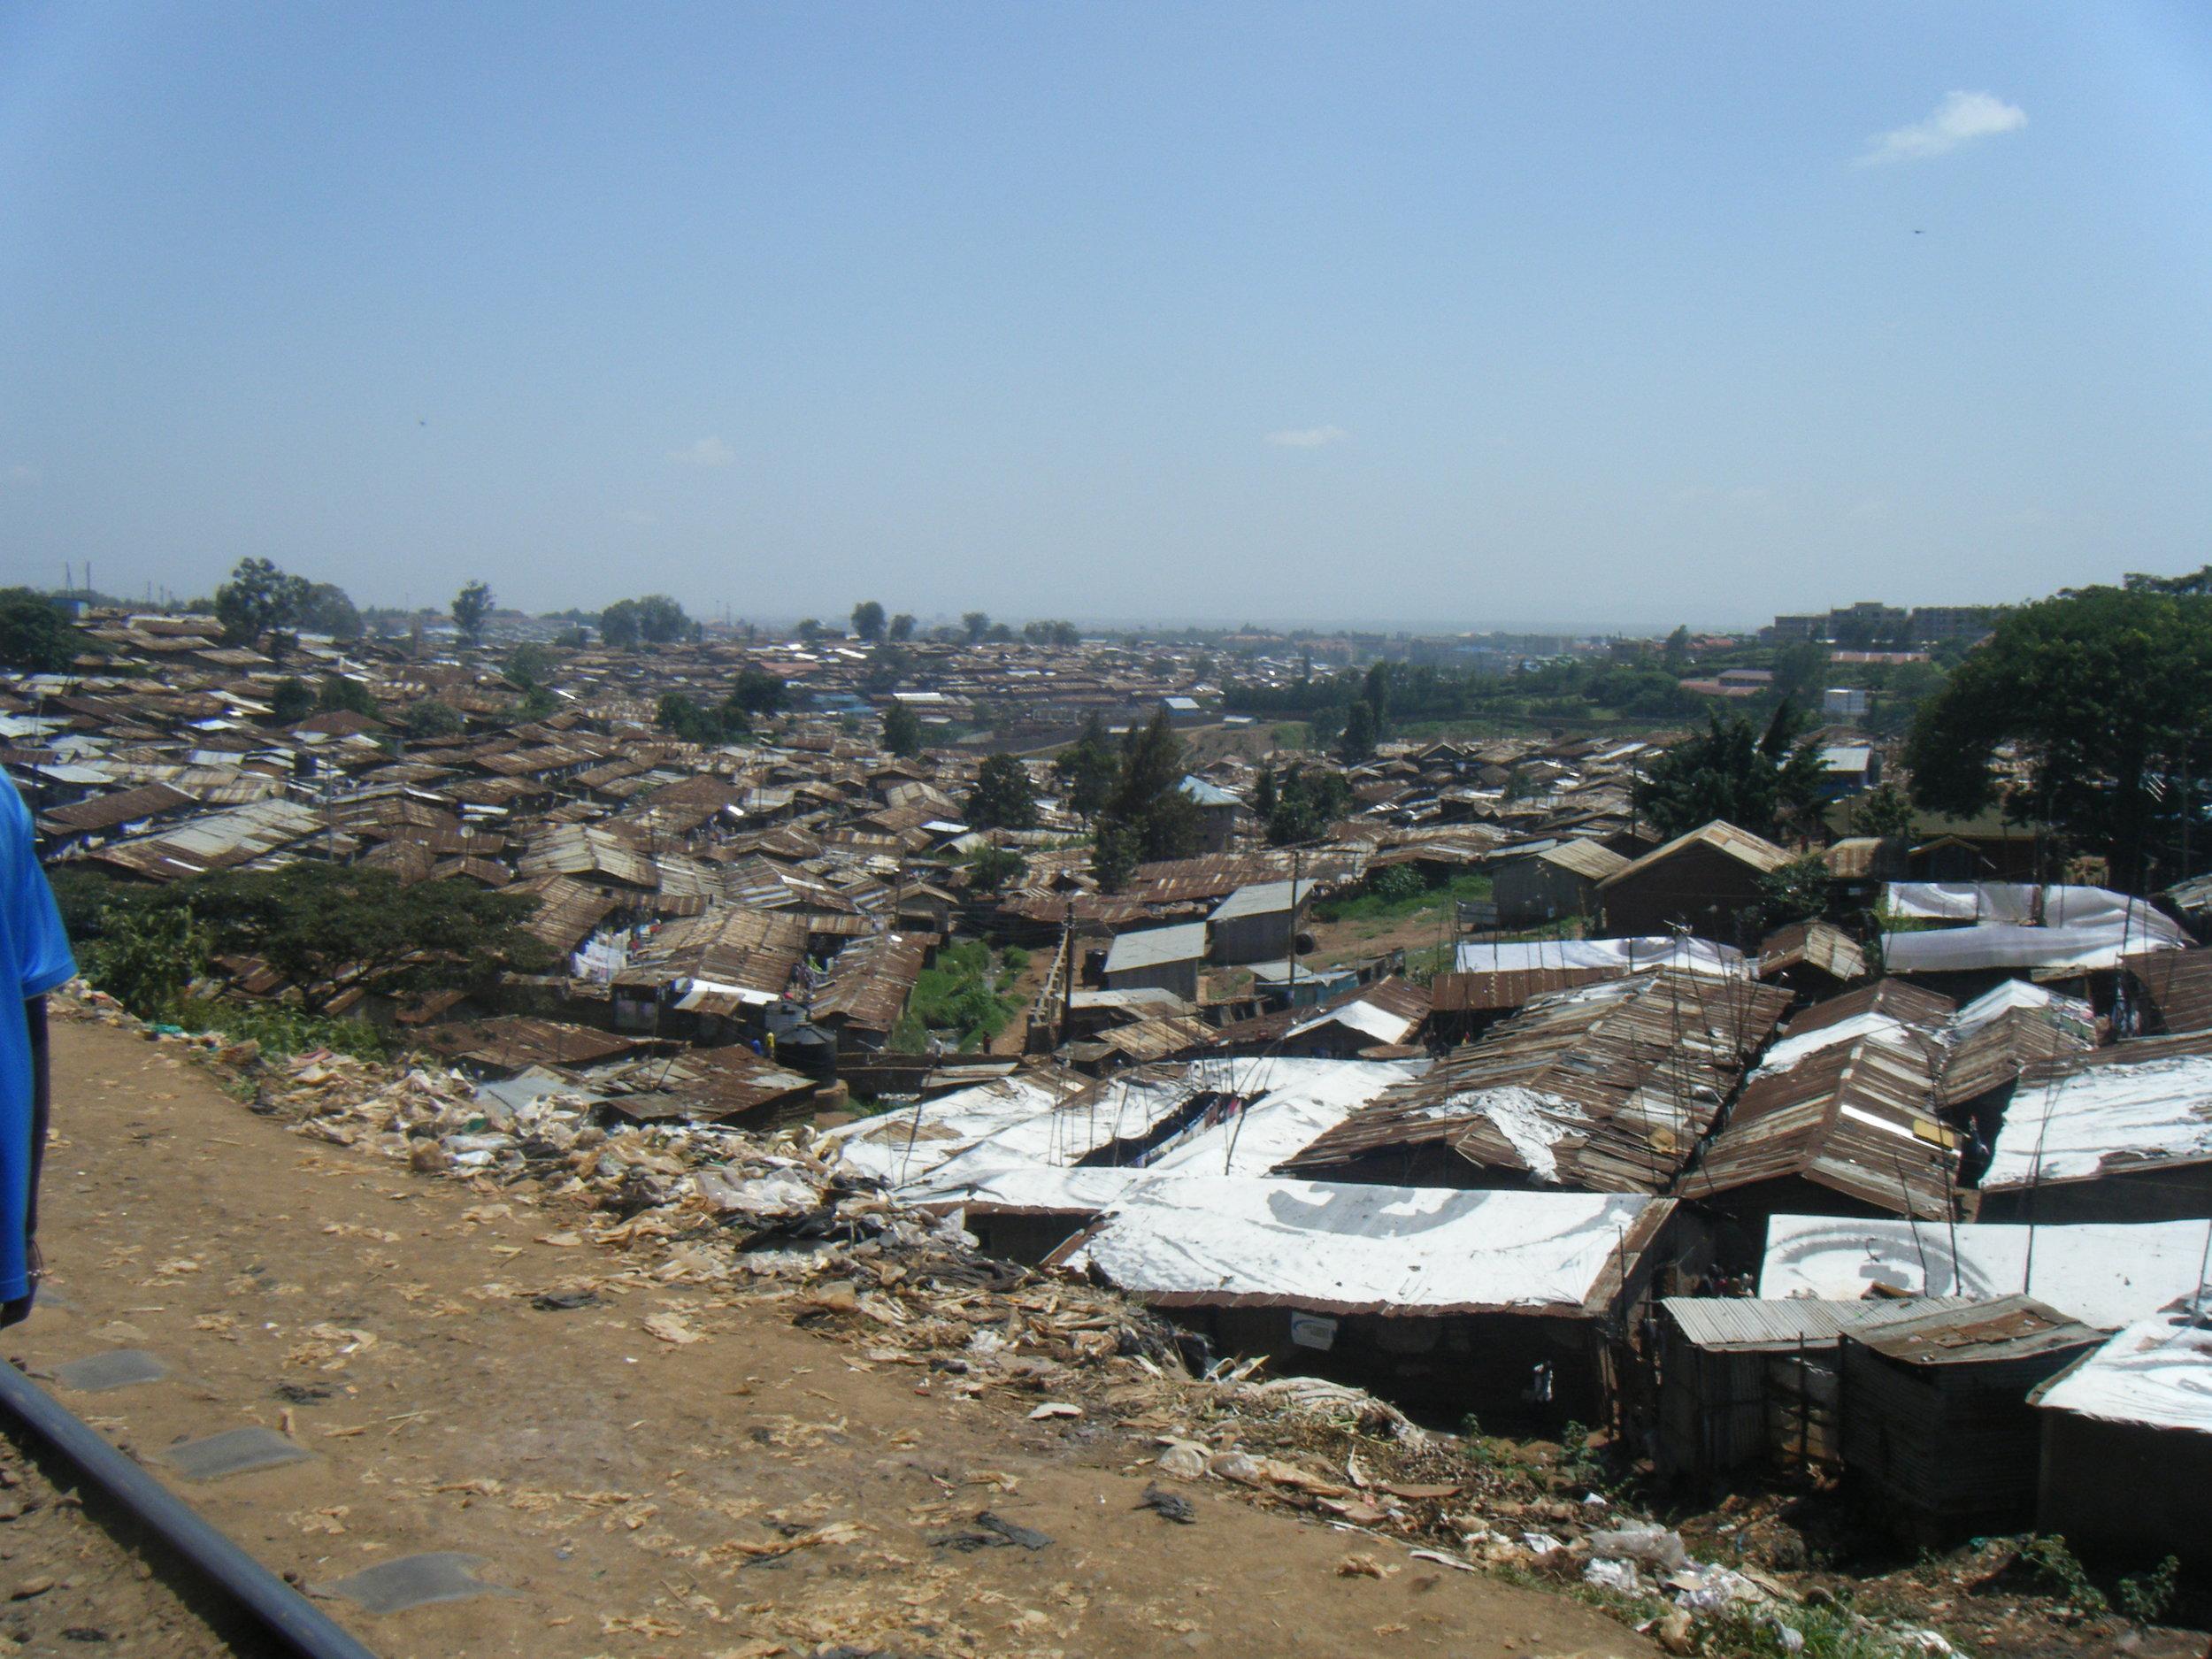 Kibera Slum - The Largest Urban Slum in Africa.